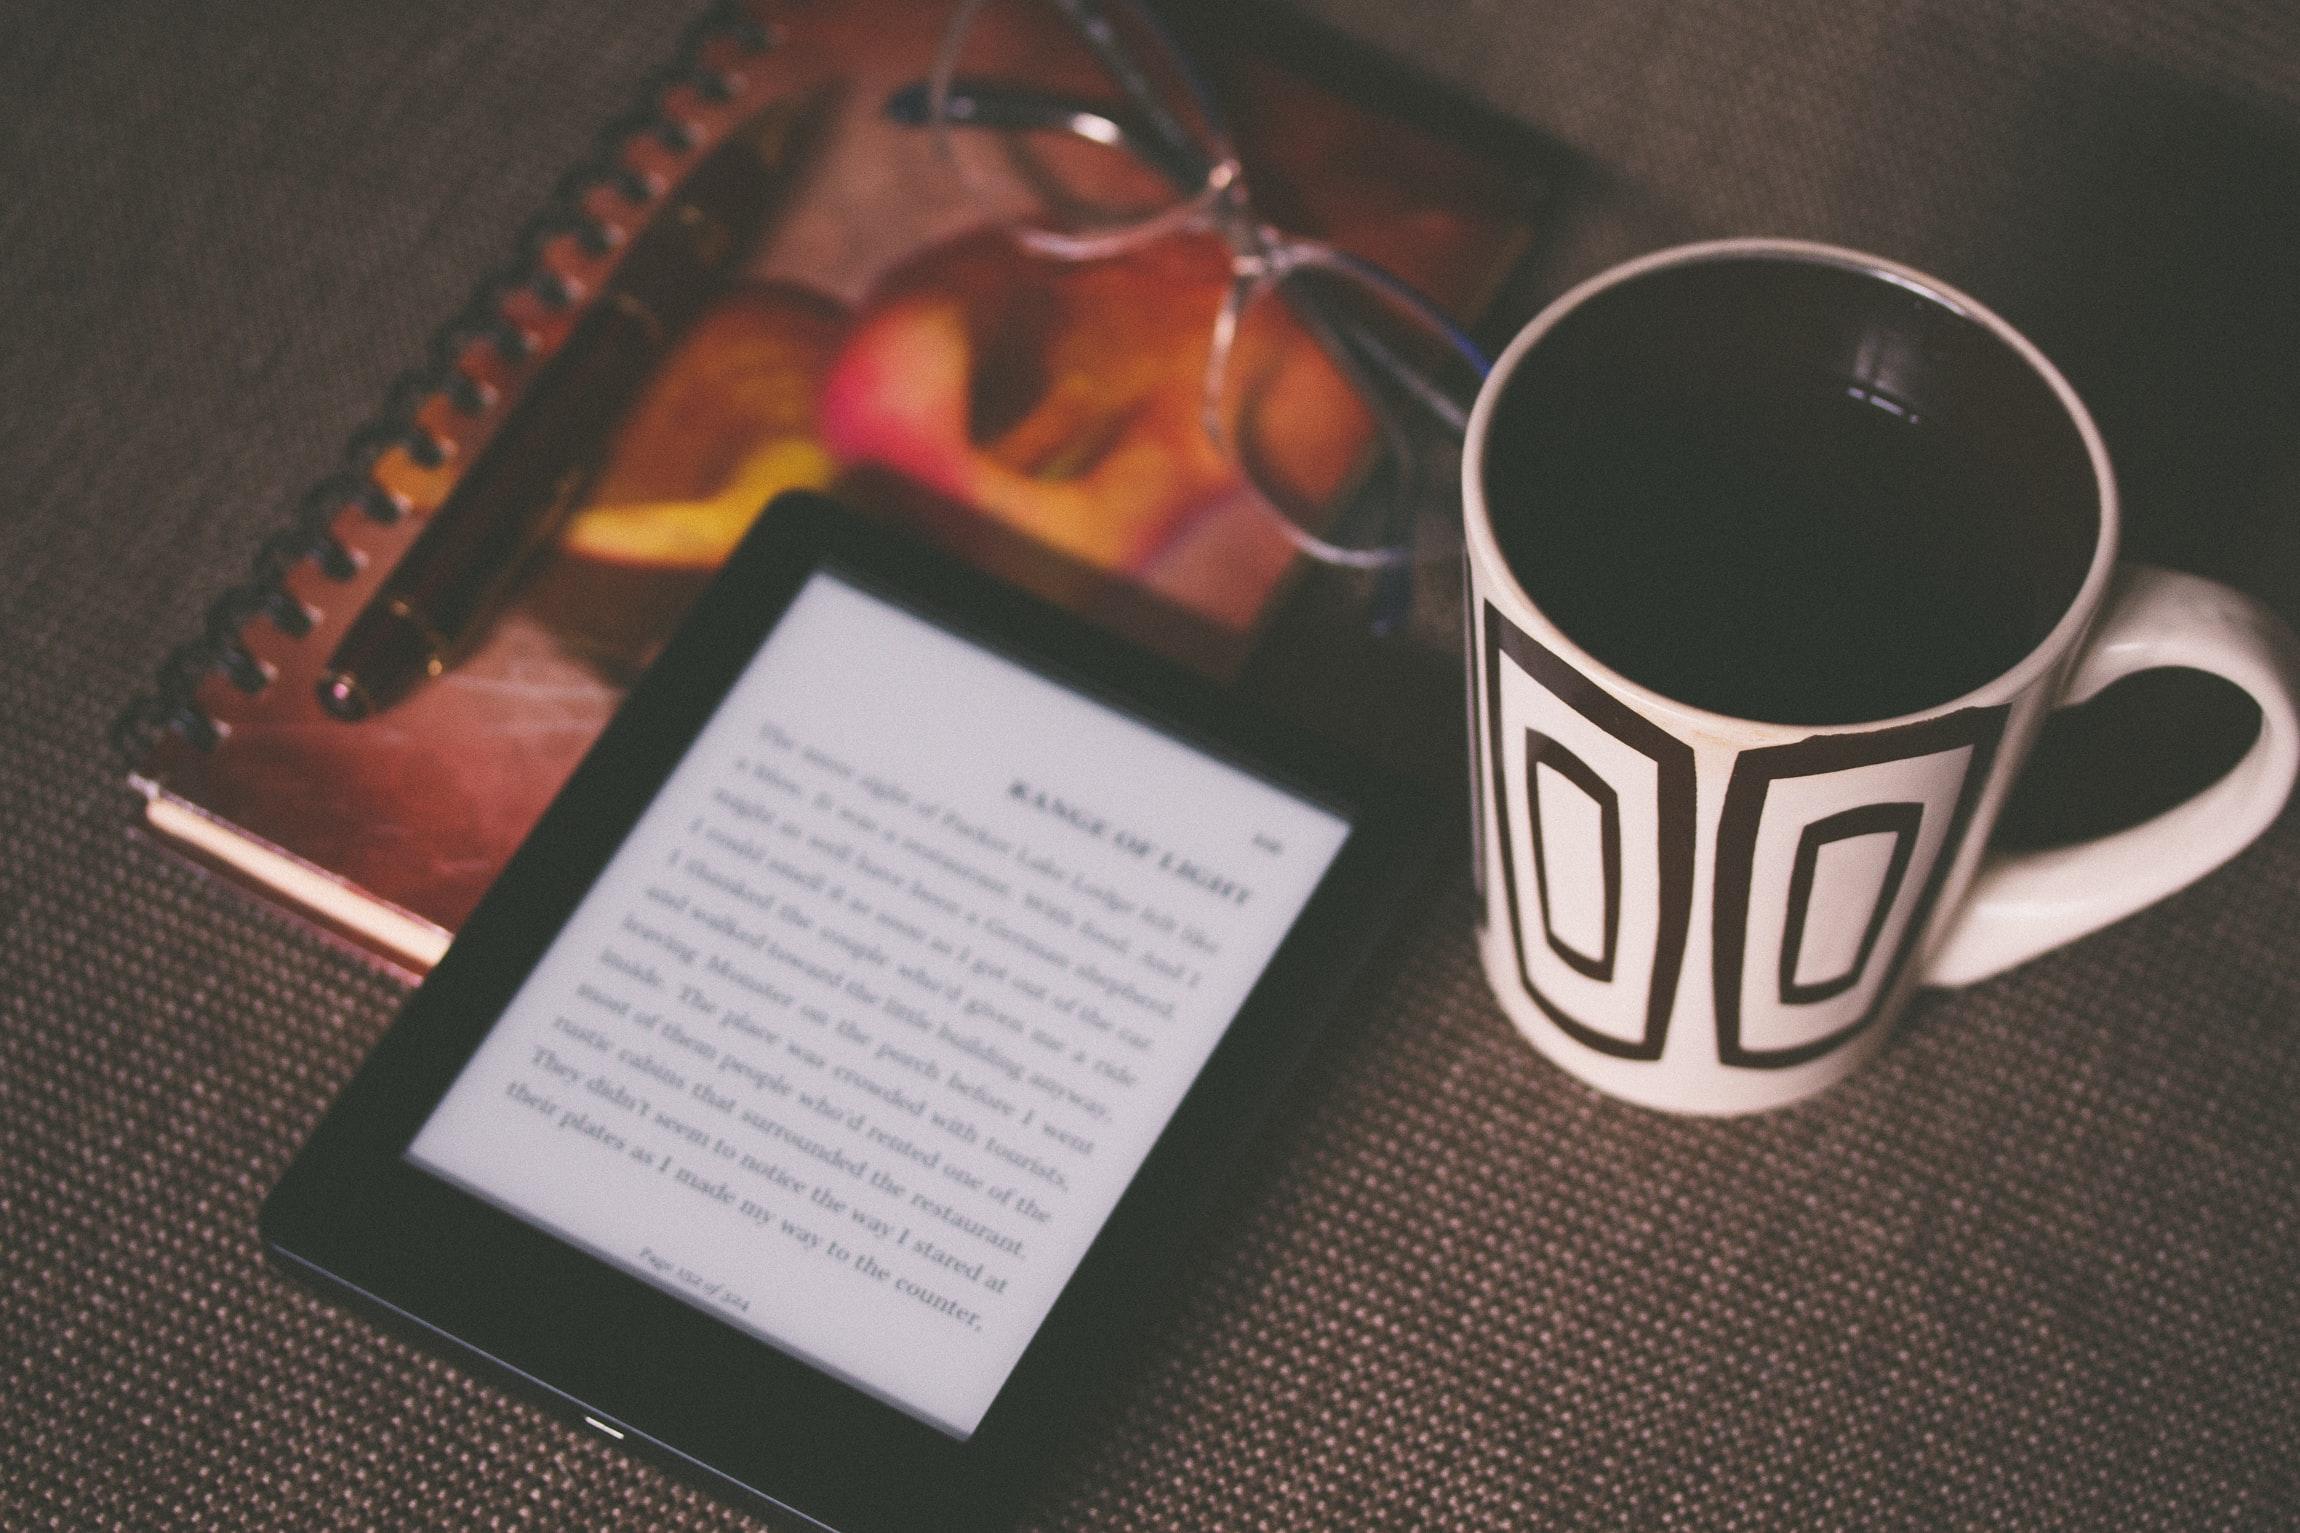 コーヒーの脇にKindleが置いてある画像